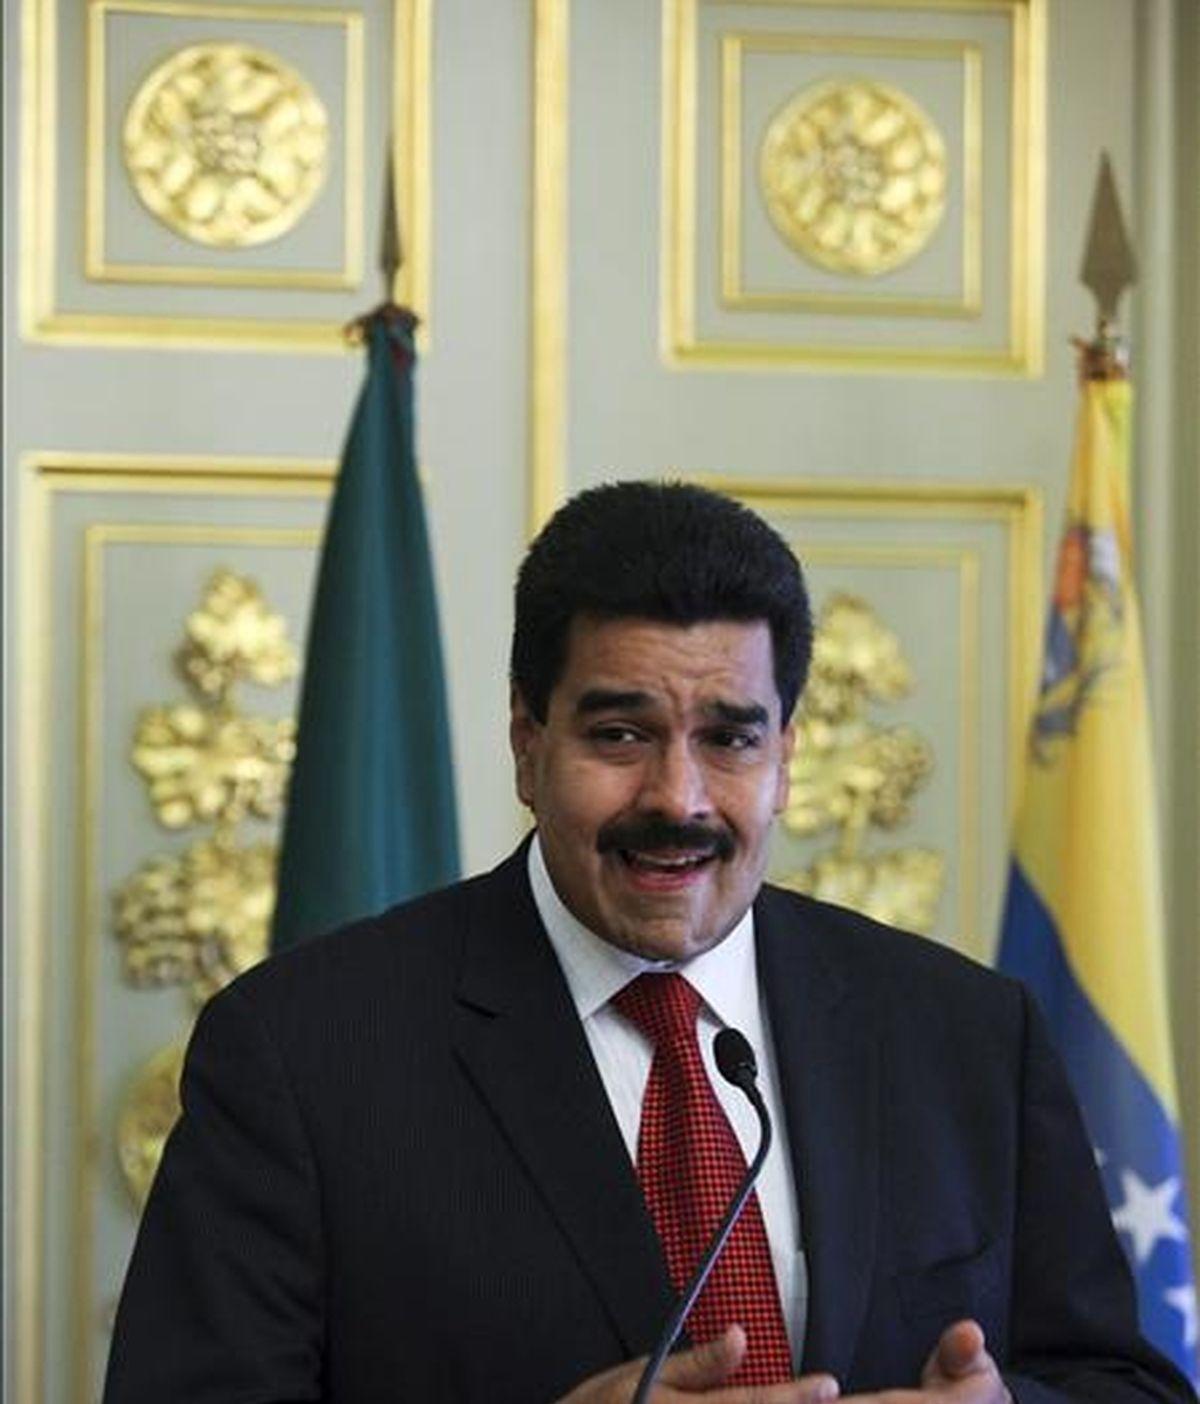 """El canciller venezolano, Nicolás Maduro, agregó la nota, """"dará a conocer a sus homólogos latinocaribeños los avances sobre la organización de la próxima Cumbre de los 33 jefes de Estado y de Gobierno"""". EFE/Archivo"""